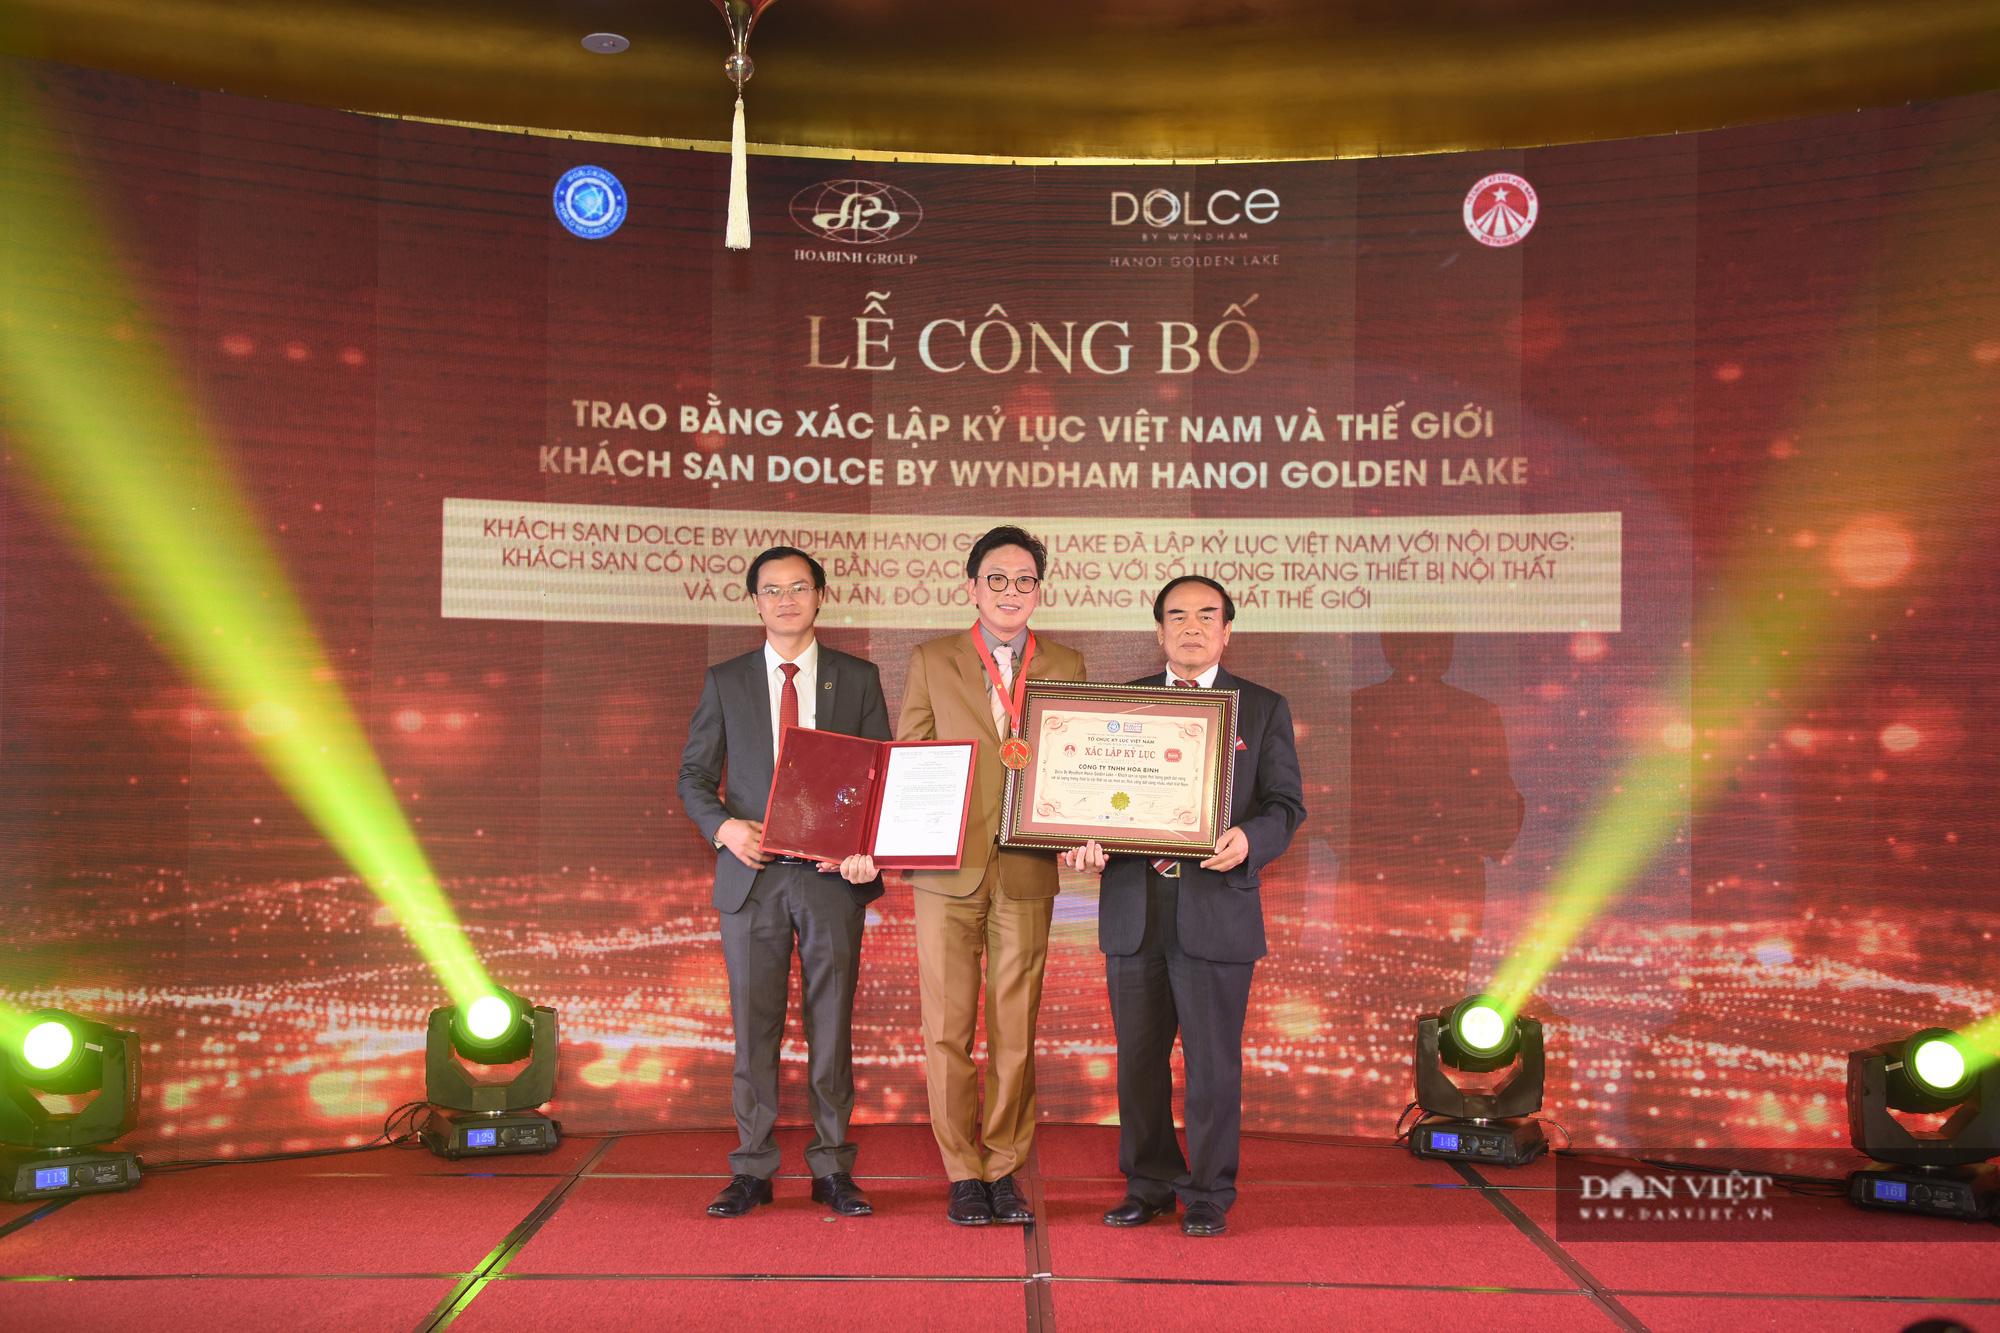 Cận cảnh khách sạn đạt kỷ lục dát nhiều vàng 24k nhất thế giới tại Hà Nội  - Ảnh 8.